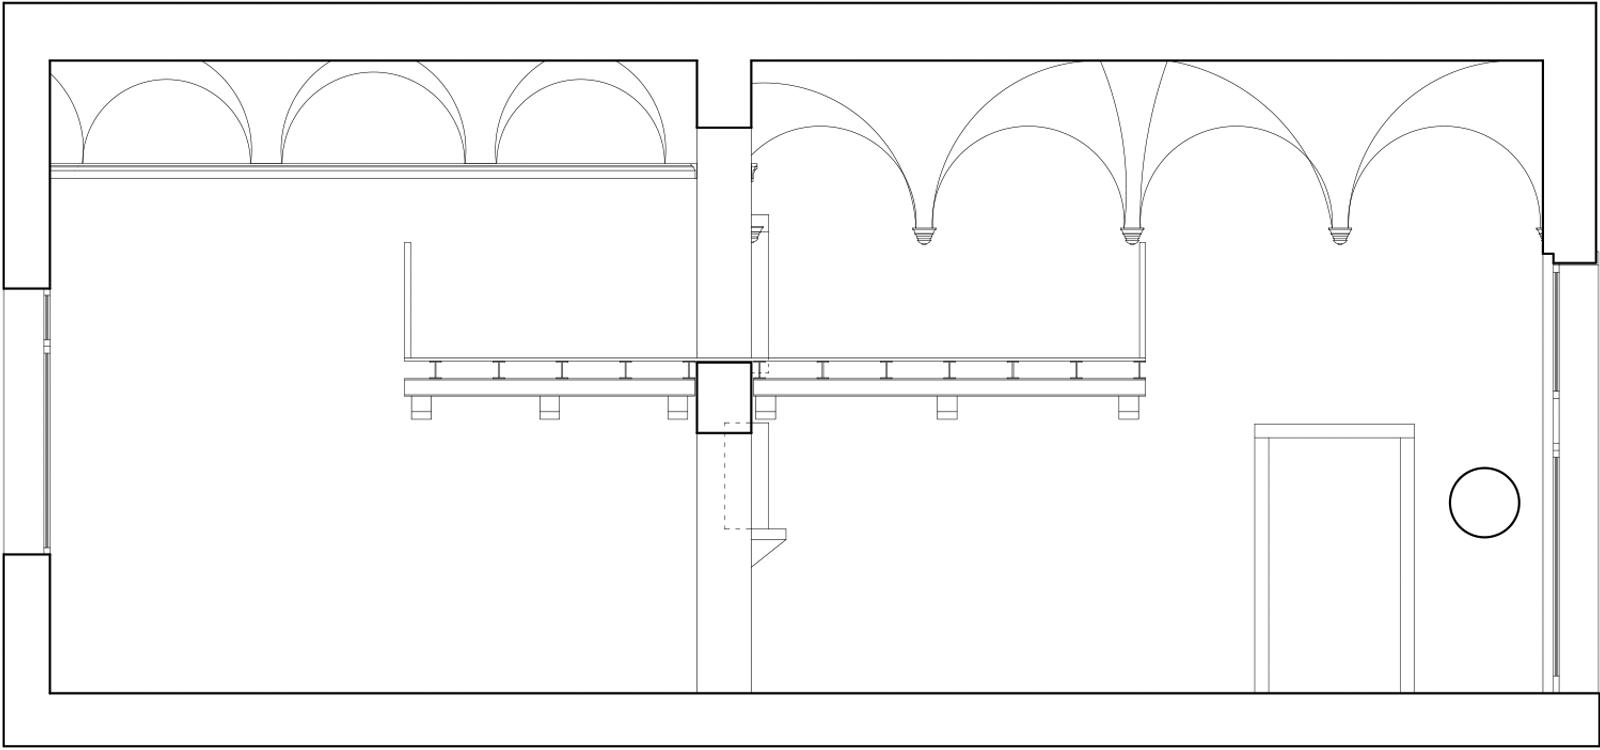 livello-info-sezione